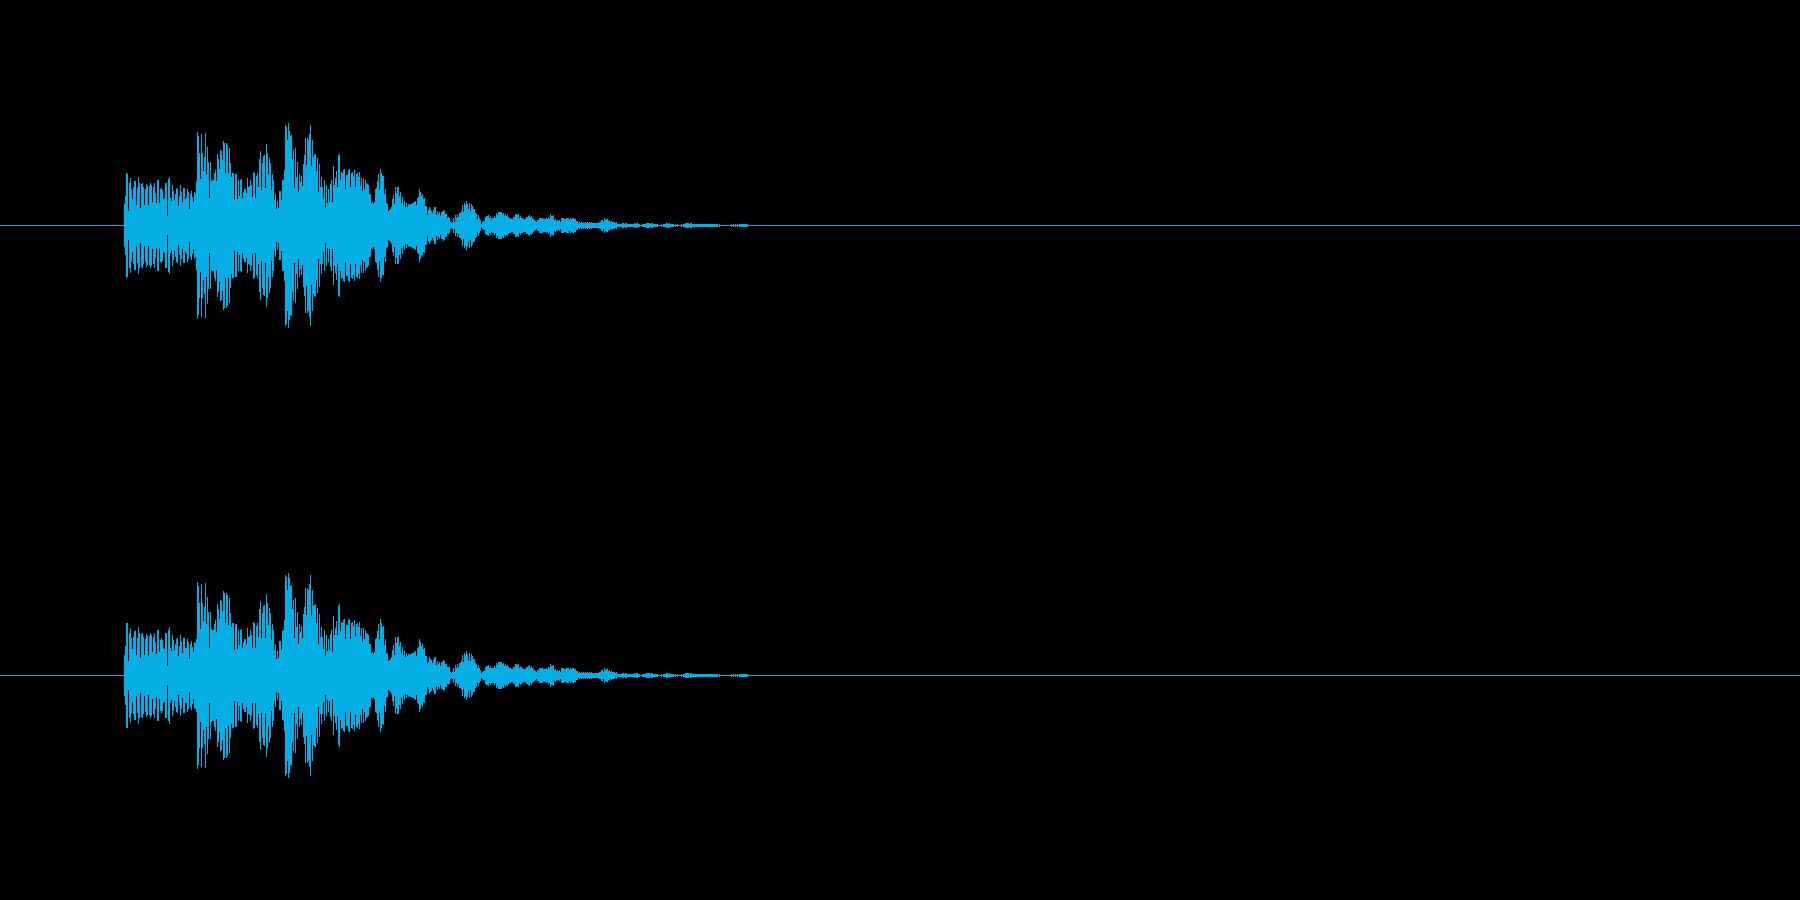 汎用カーソルSE_コミカルSEの再生済みの波形